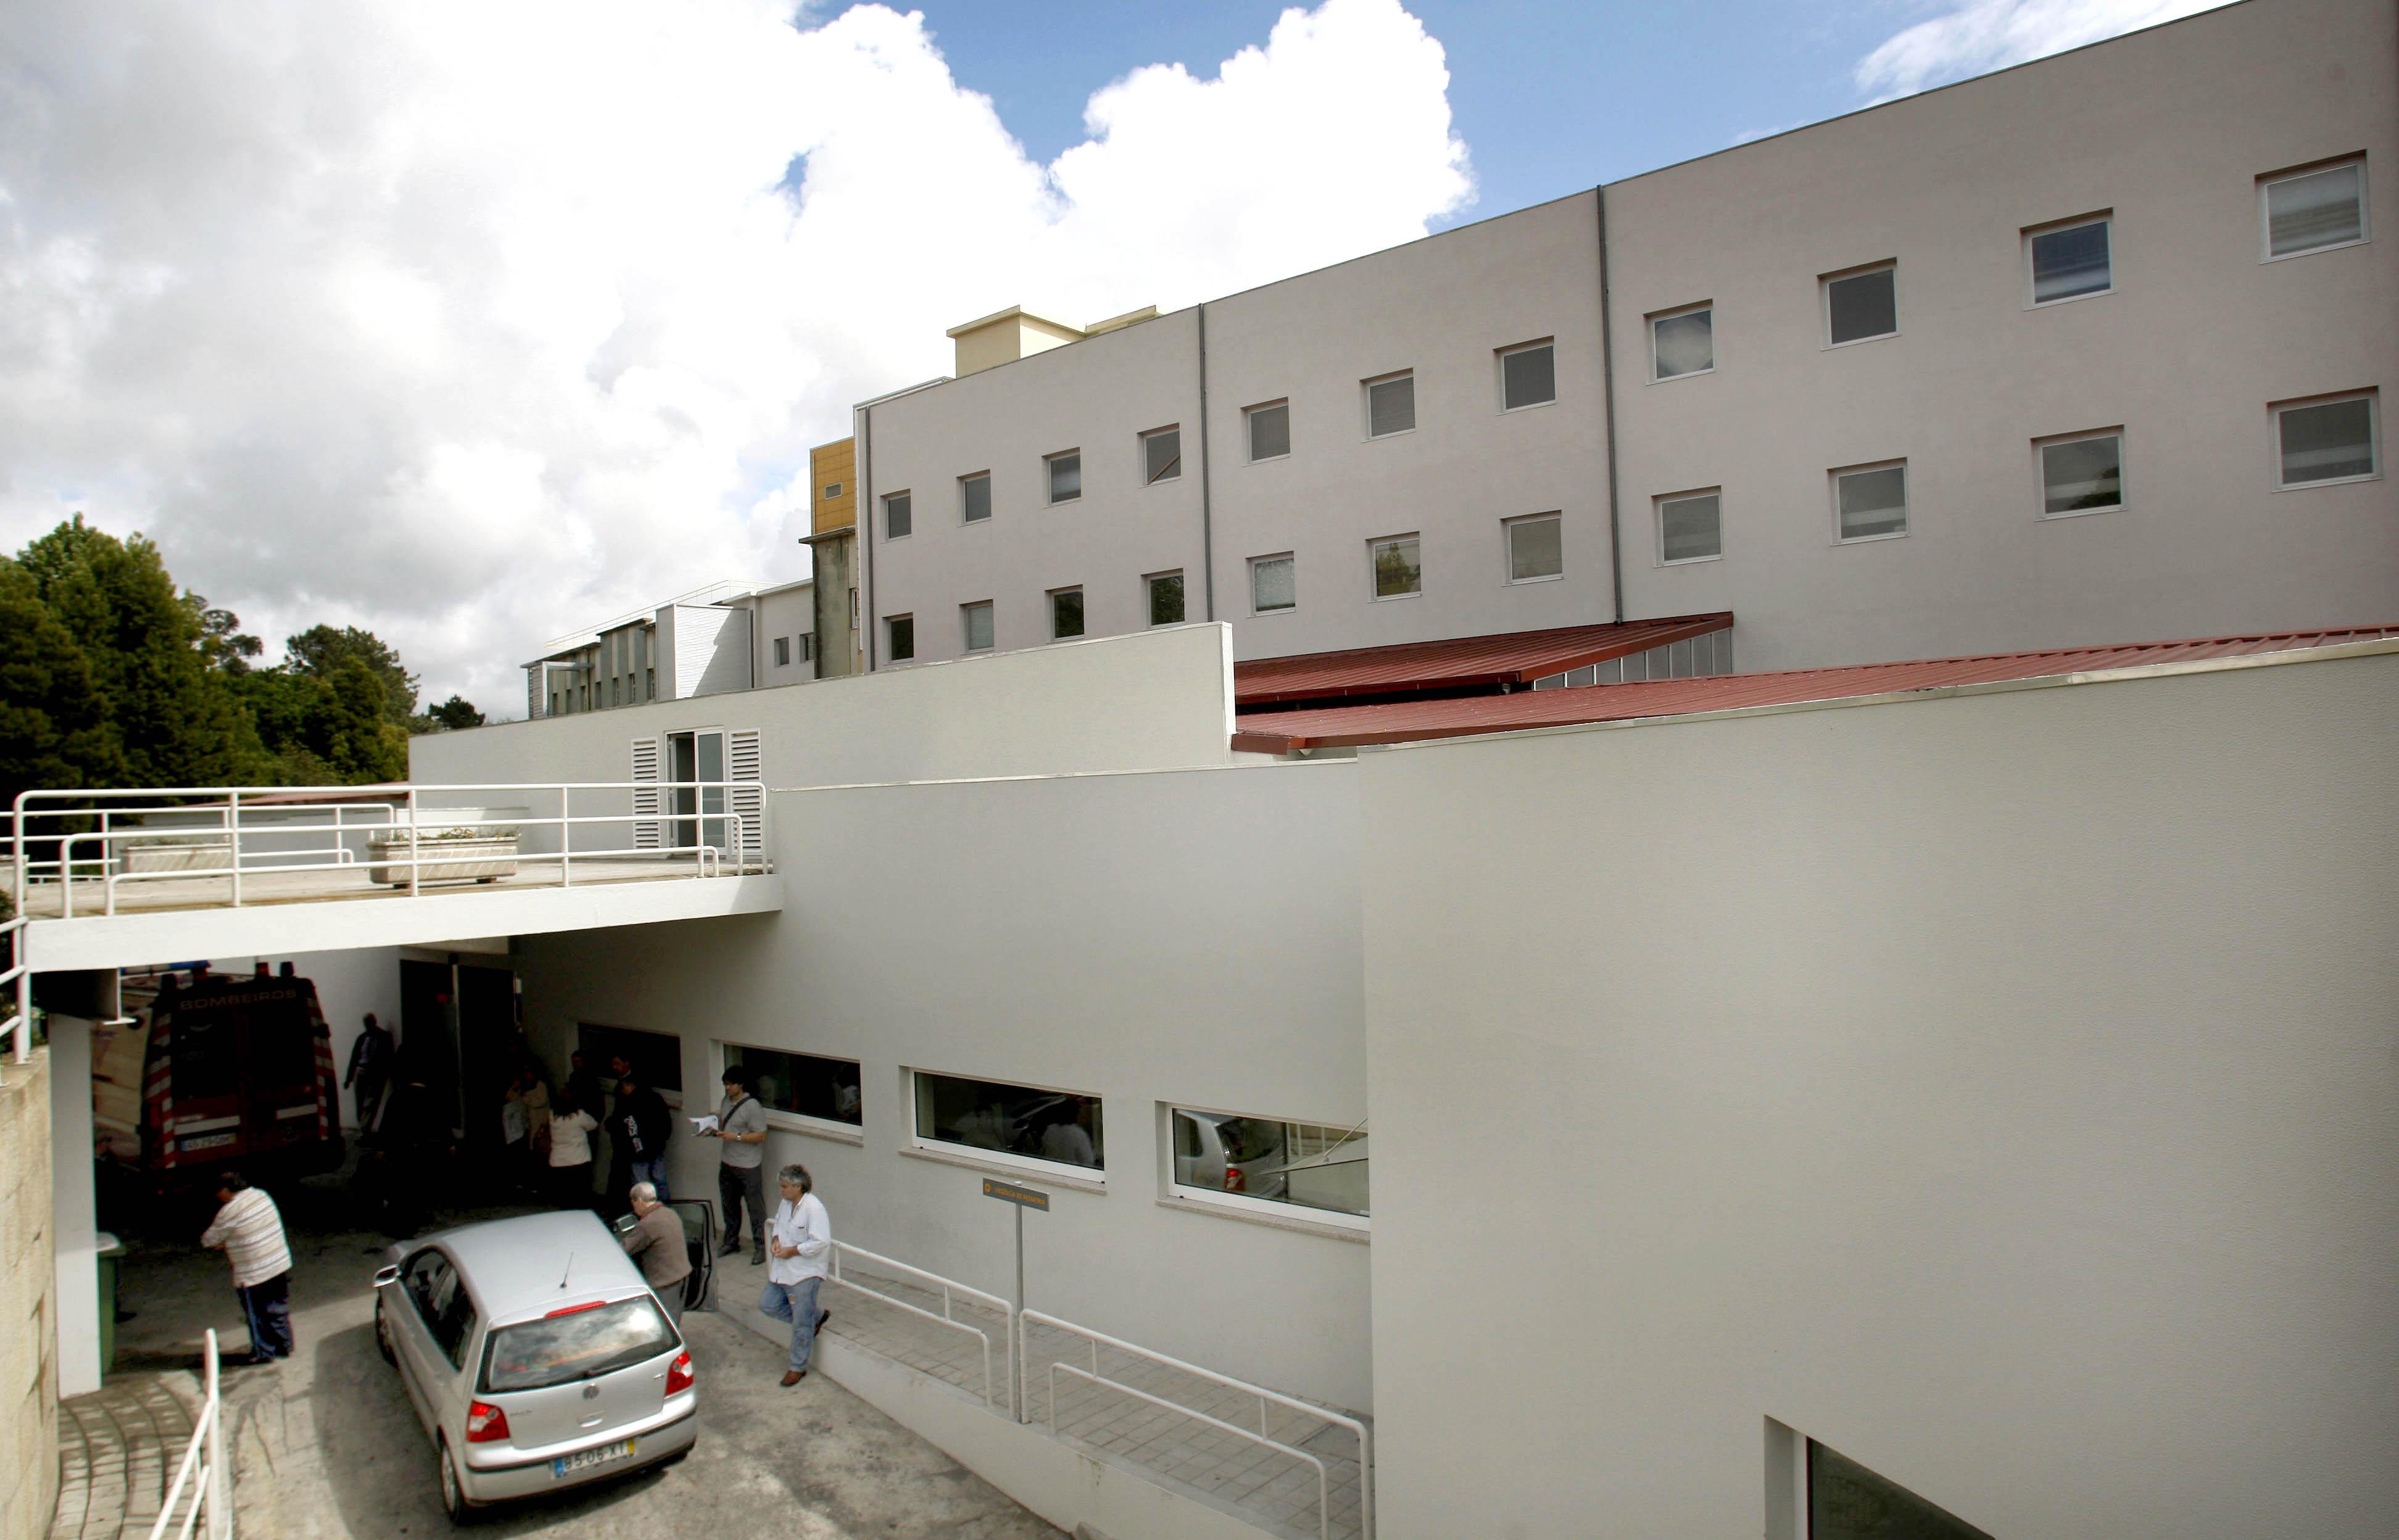 Hospital de Gaia garante que suspensão da atividade cirúrgica é temporária